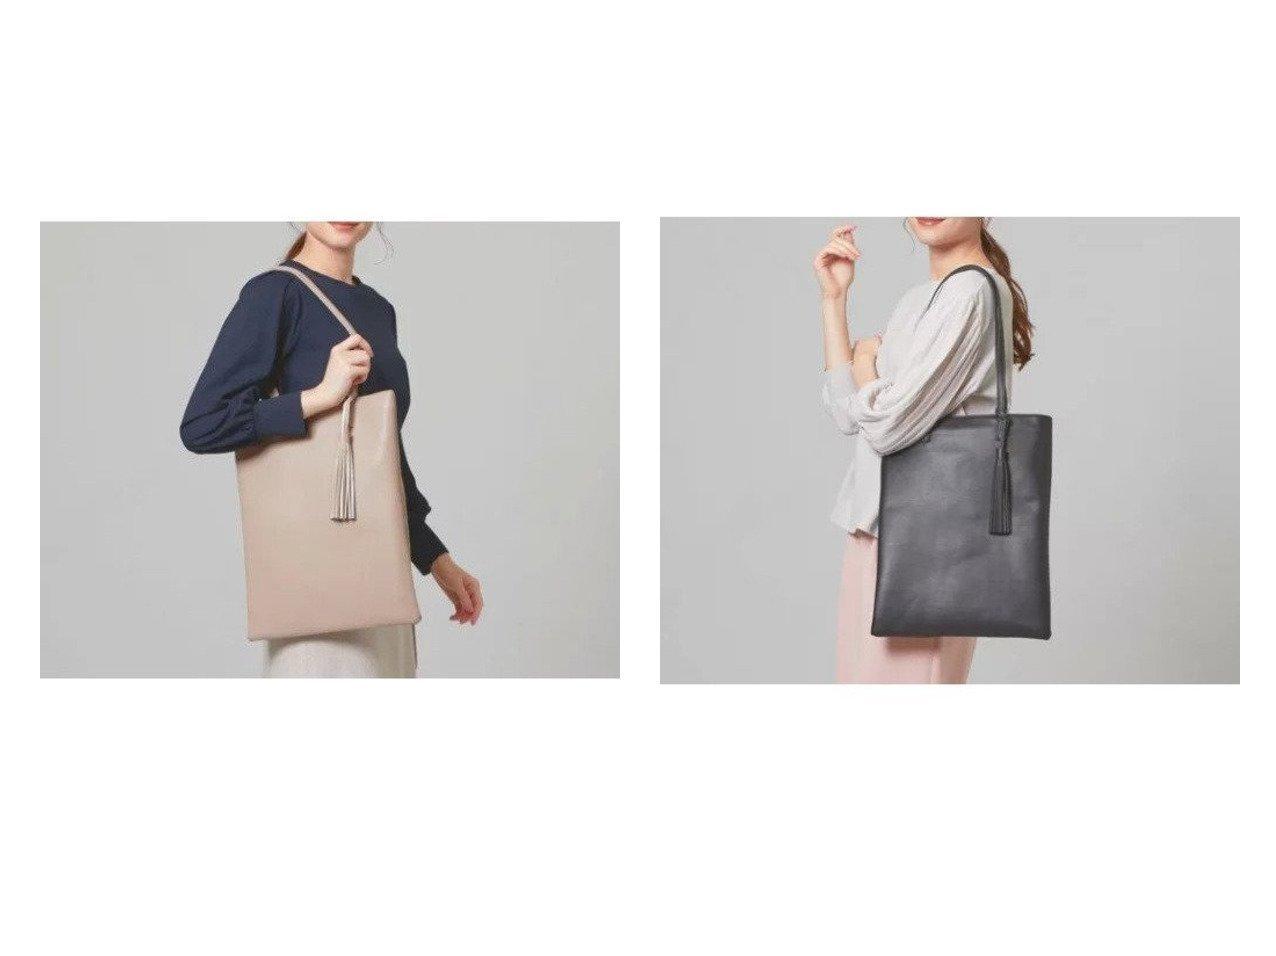 【THE STATION STORE / UNITED ARROWS/ザ ステーション ストア】のFL タッセル タテ トートバッグ 【バッグ・鞄】おすすめ!人気、トレンド・レディースファッションの通販  おすすめで人気の流行・トレンド、ファッションの通販商品 メンズファッション・キッズファッション・インテリア・家具・レディースファッション・服の通販 founy(ファニー) https://founy.com/ ファッション Fashion レディースファッション WOMEN バッグ Bag エレガント シンプル ジップ タッセル フラット ポケット マグネット ワンポイント おすすめ Recommend |ID:crp329100000027394